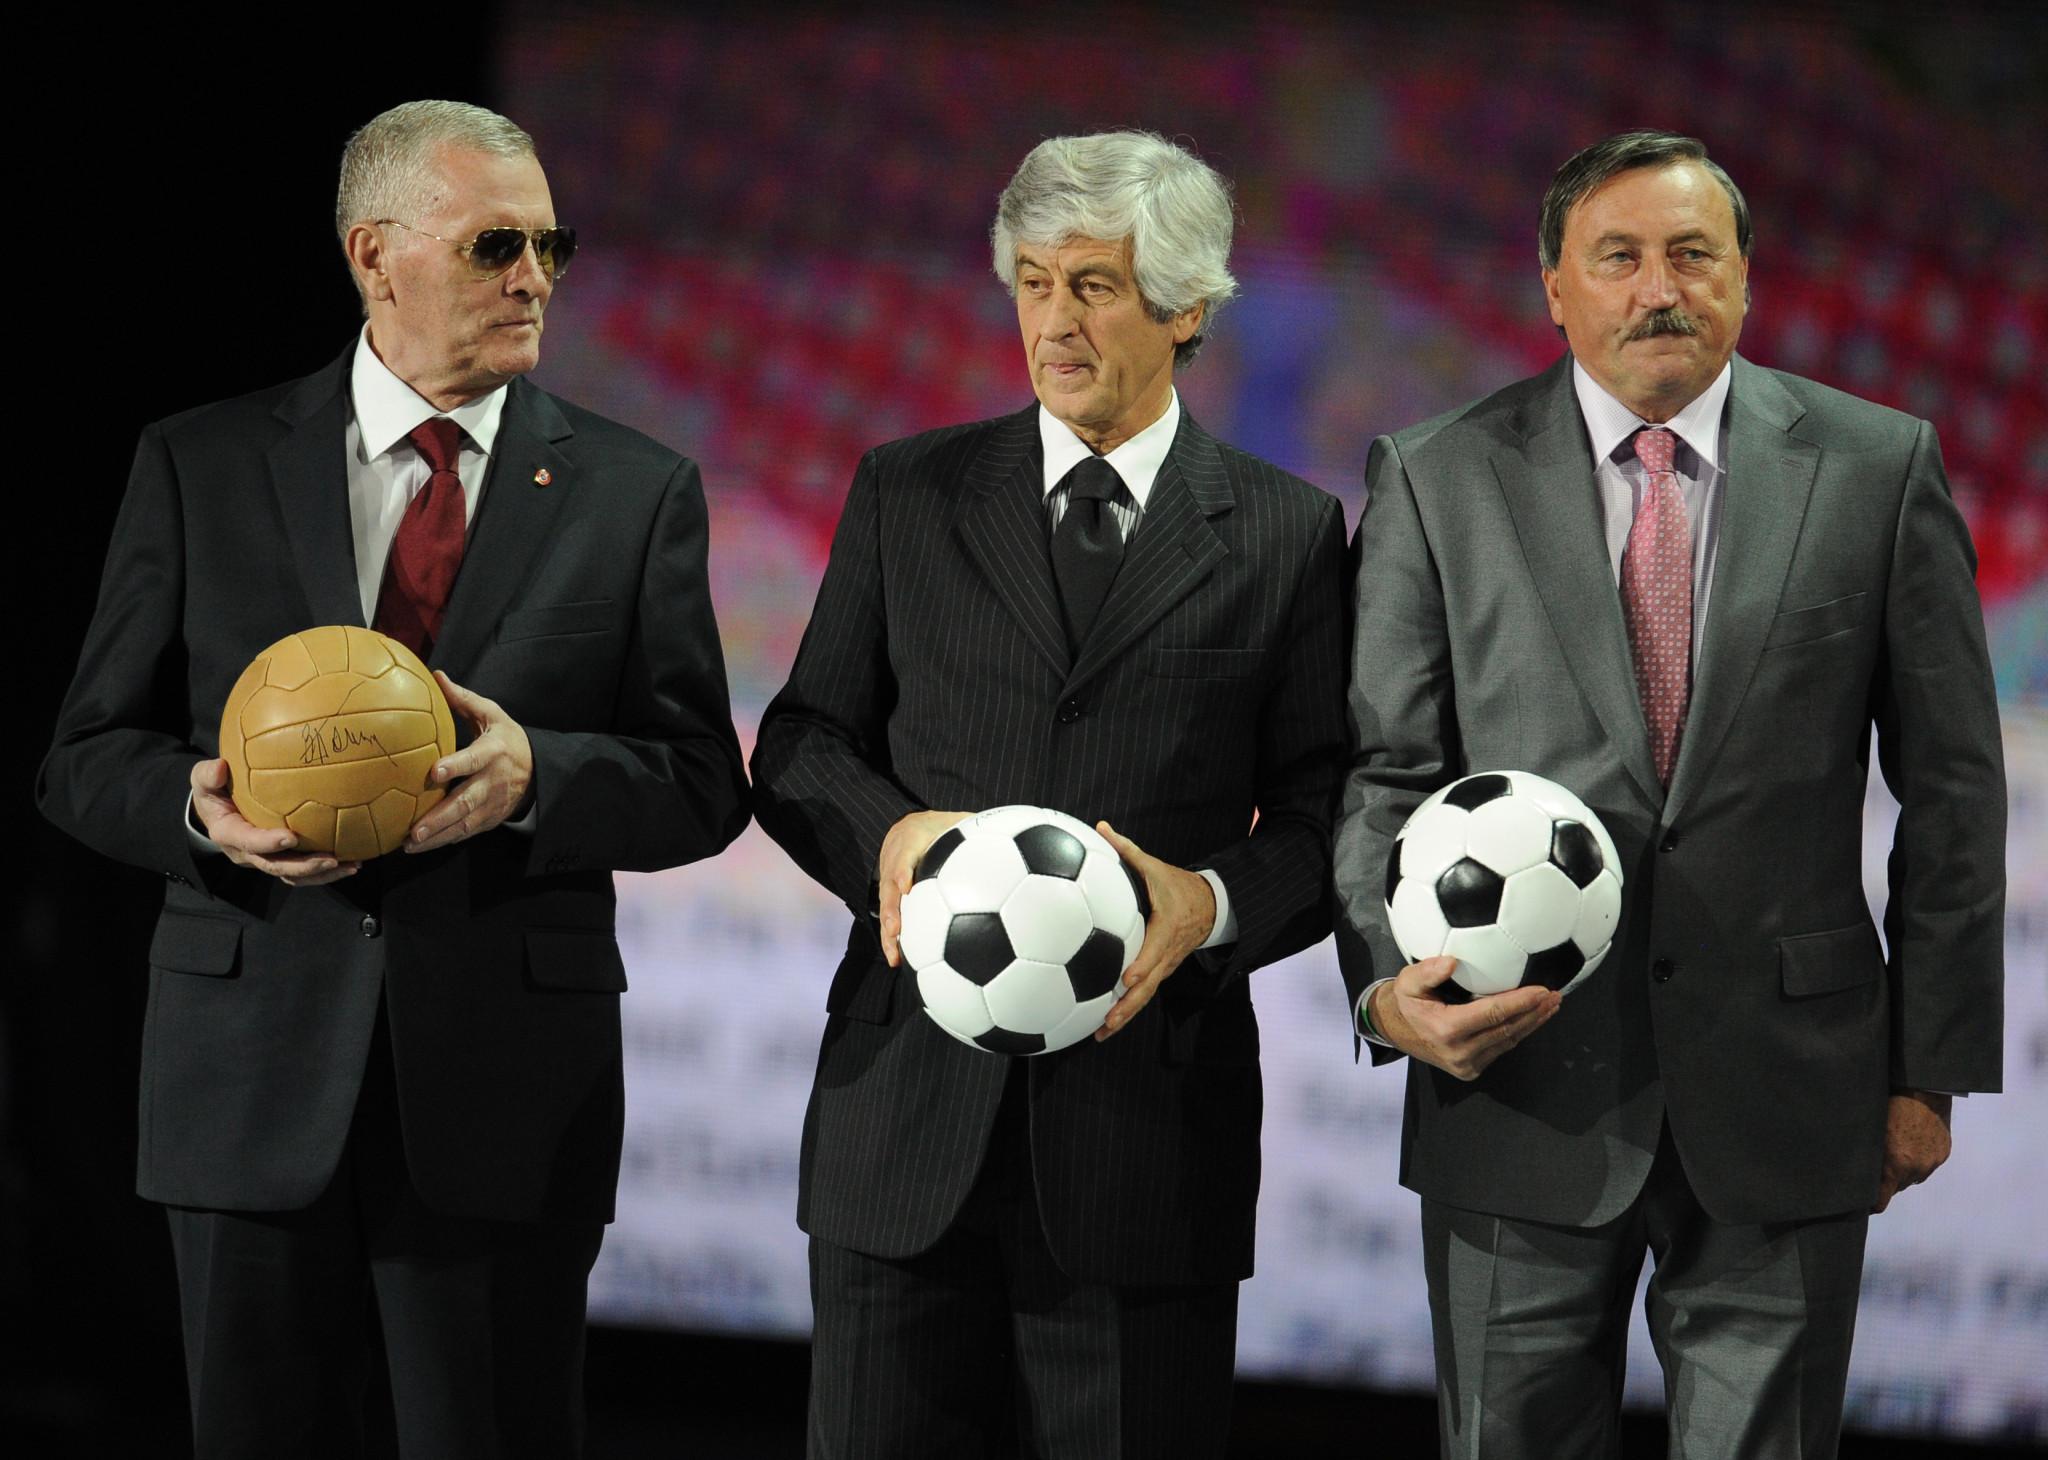 Viktor Ponedelnik, left, scored the winning goal in the final ©Getty Images